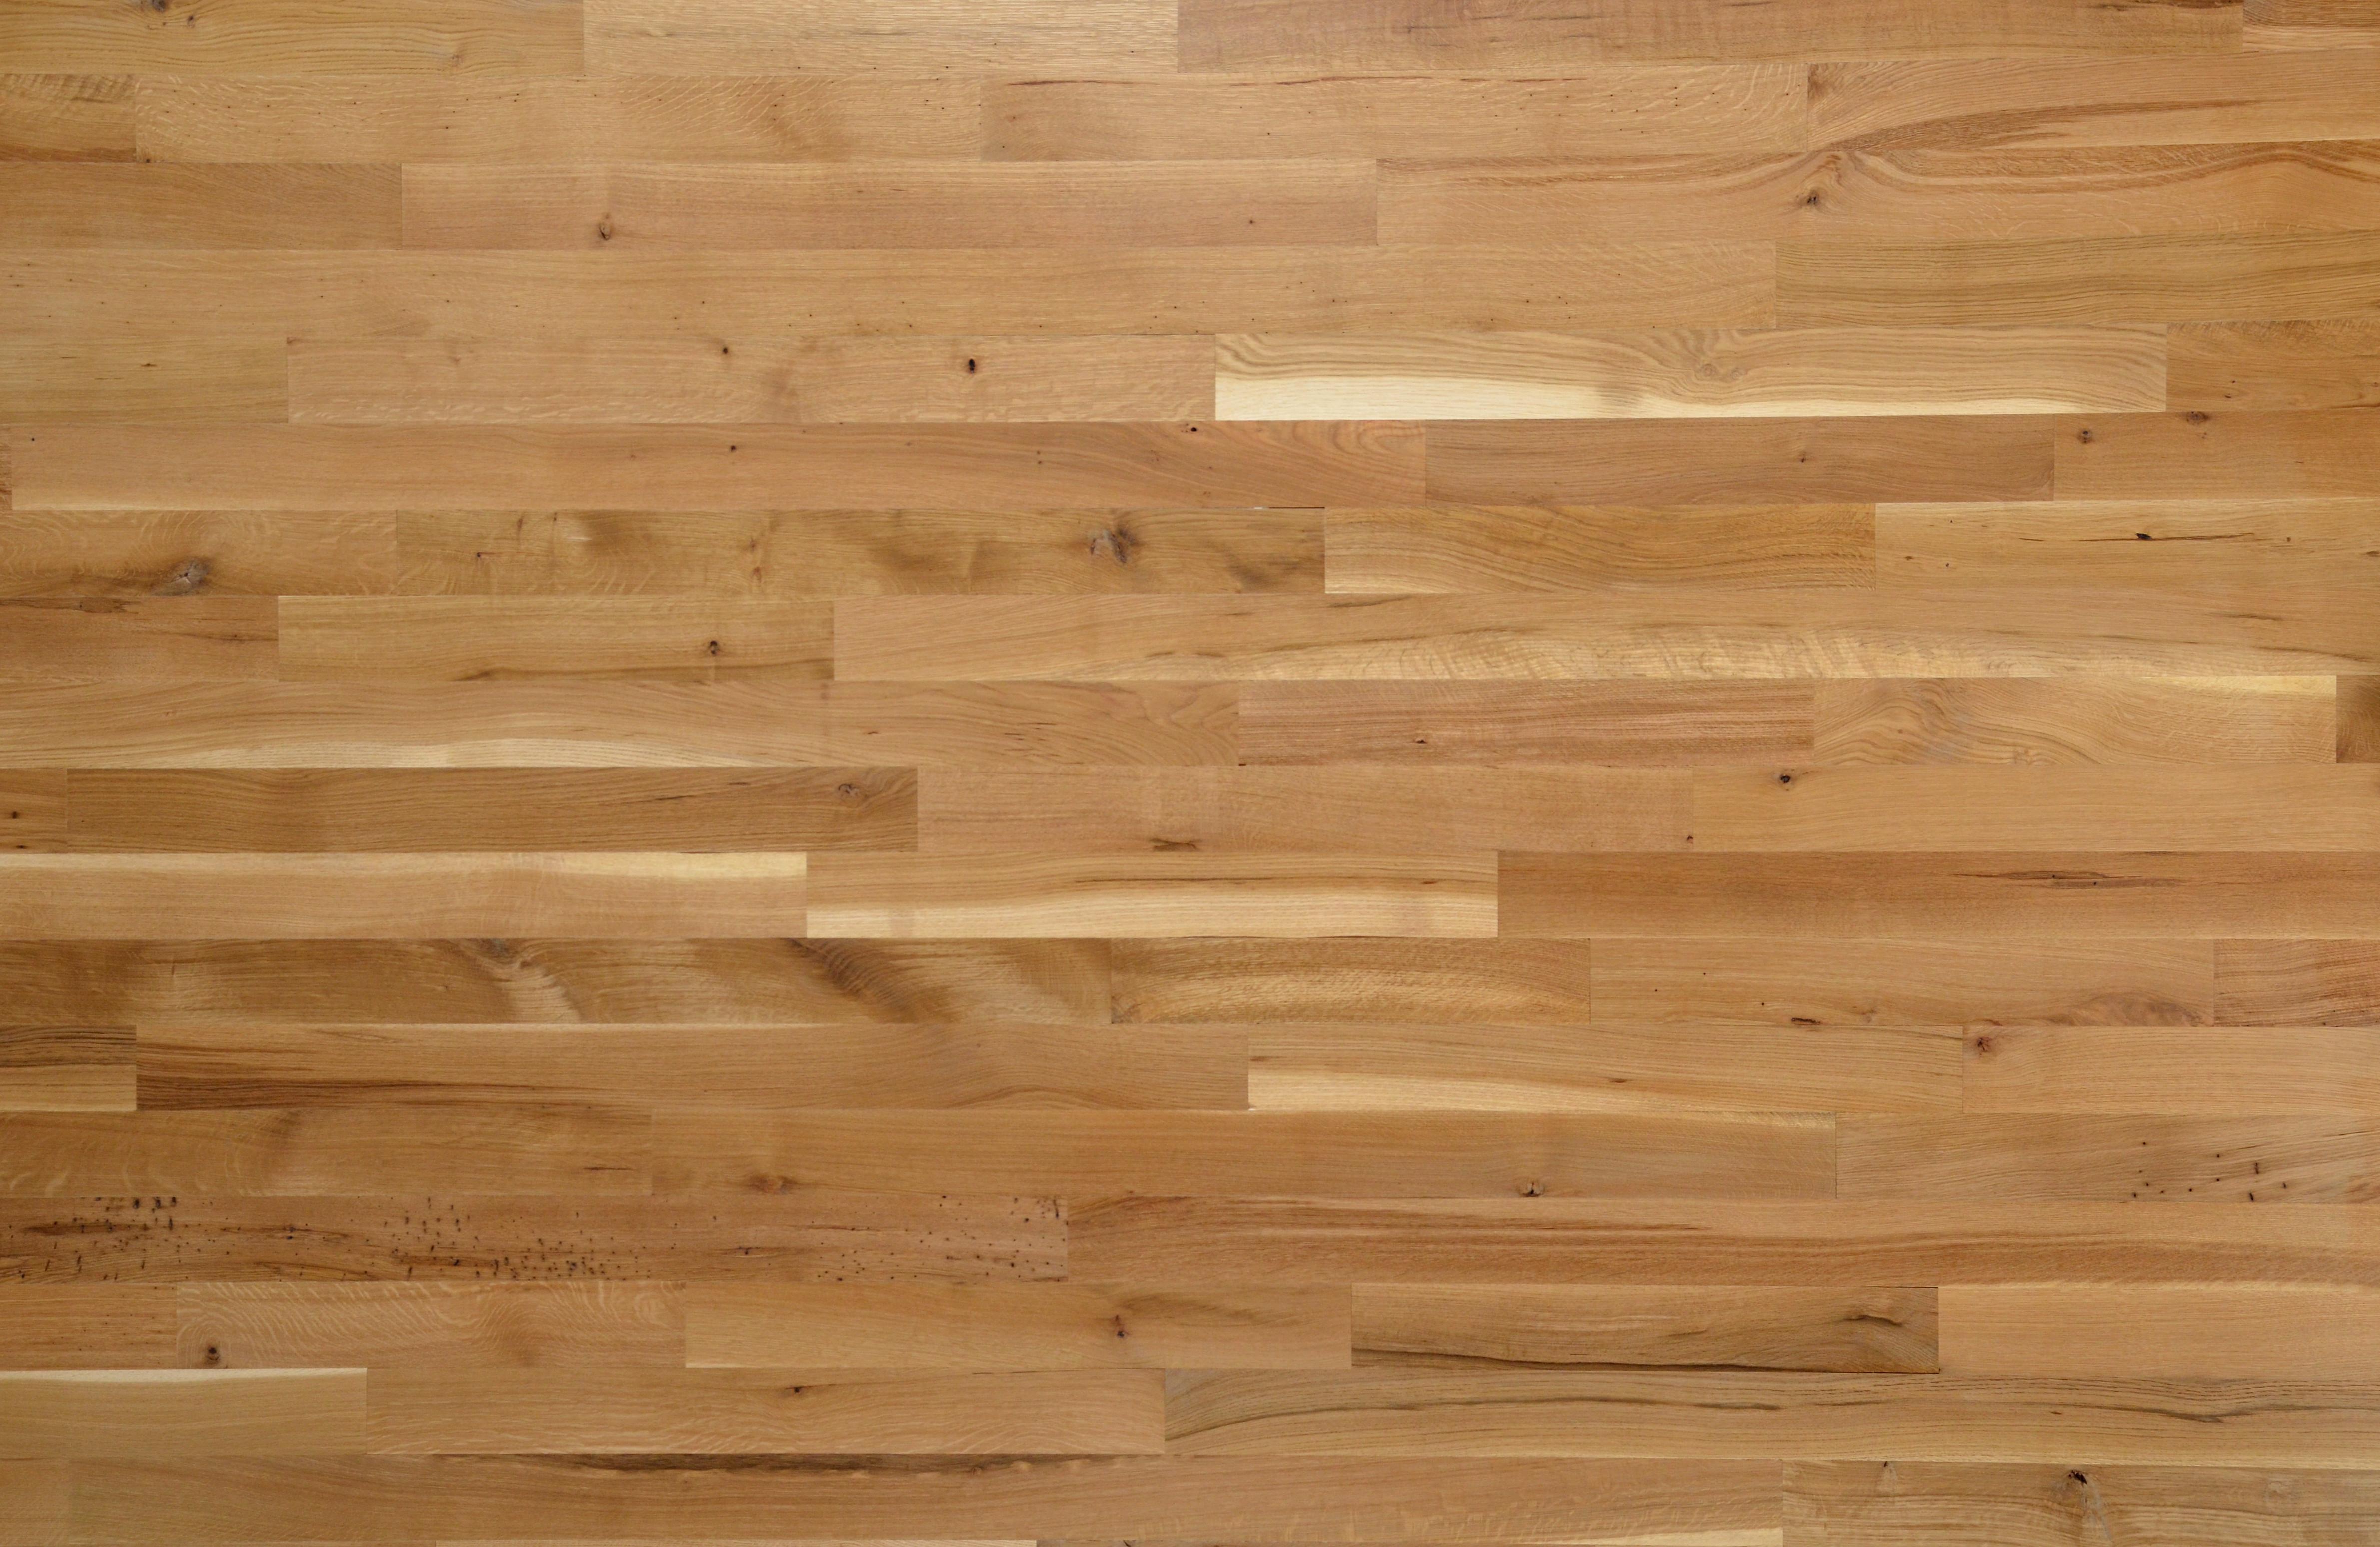 hardwood flooring labor rates of lacrosse hardwood flooring walnut white oak red oak hickory intended for rift quartered natural white oak